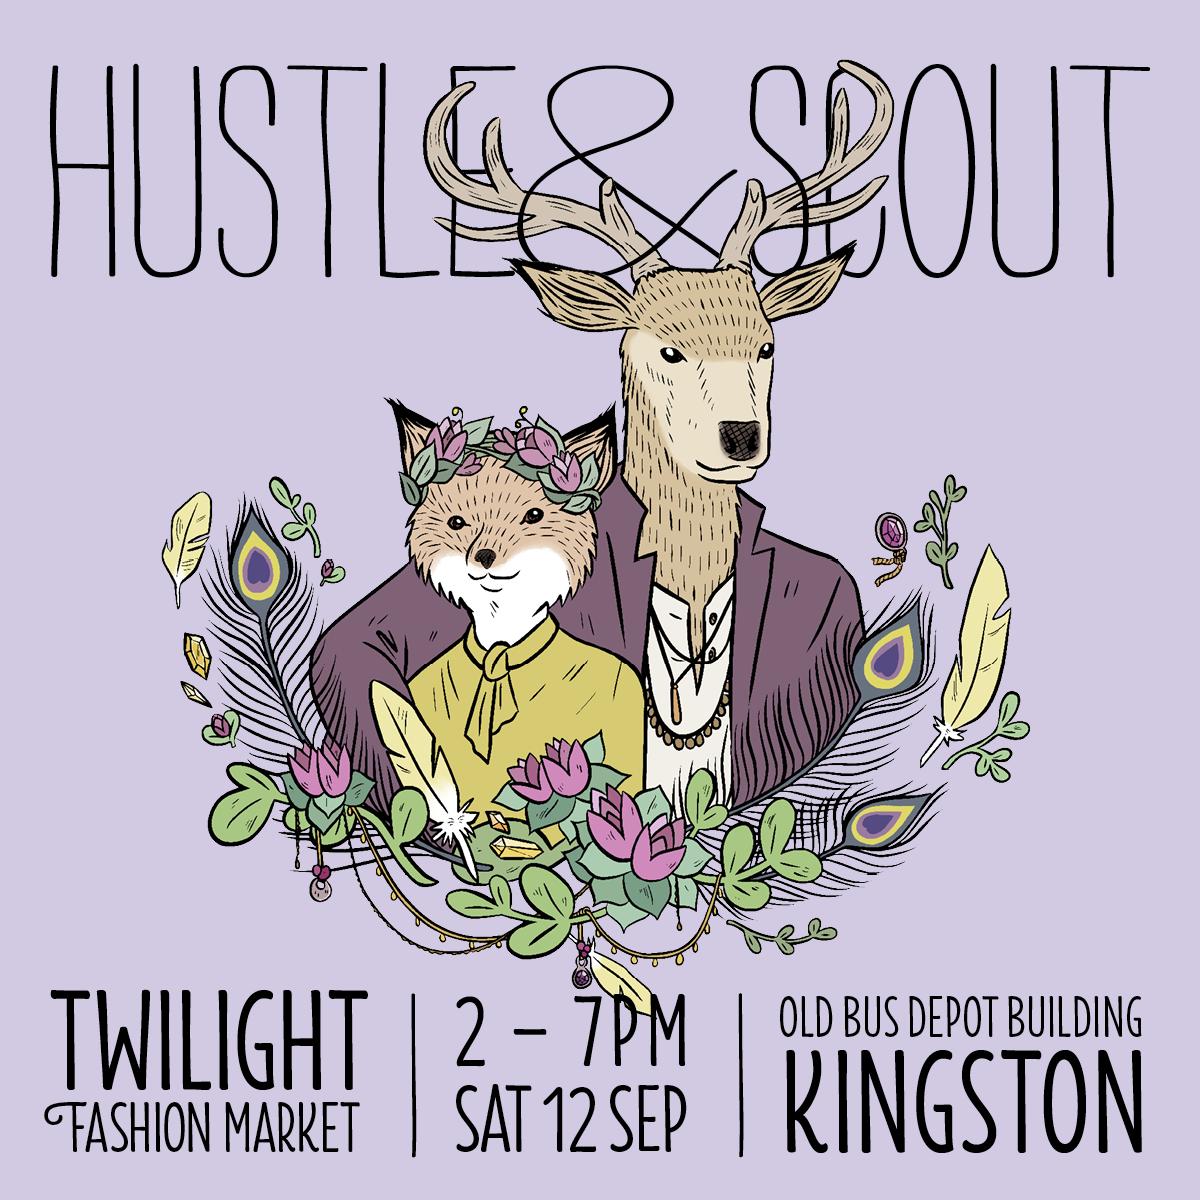 Hustle & Scout Twilight Market